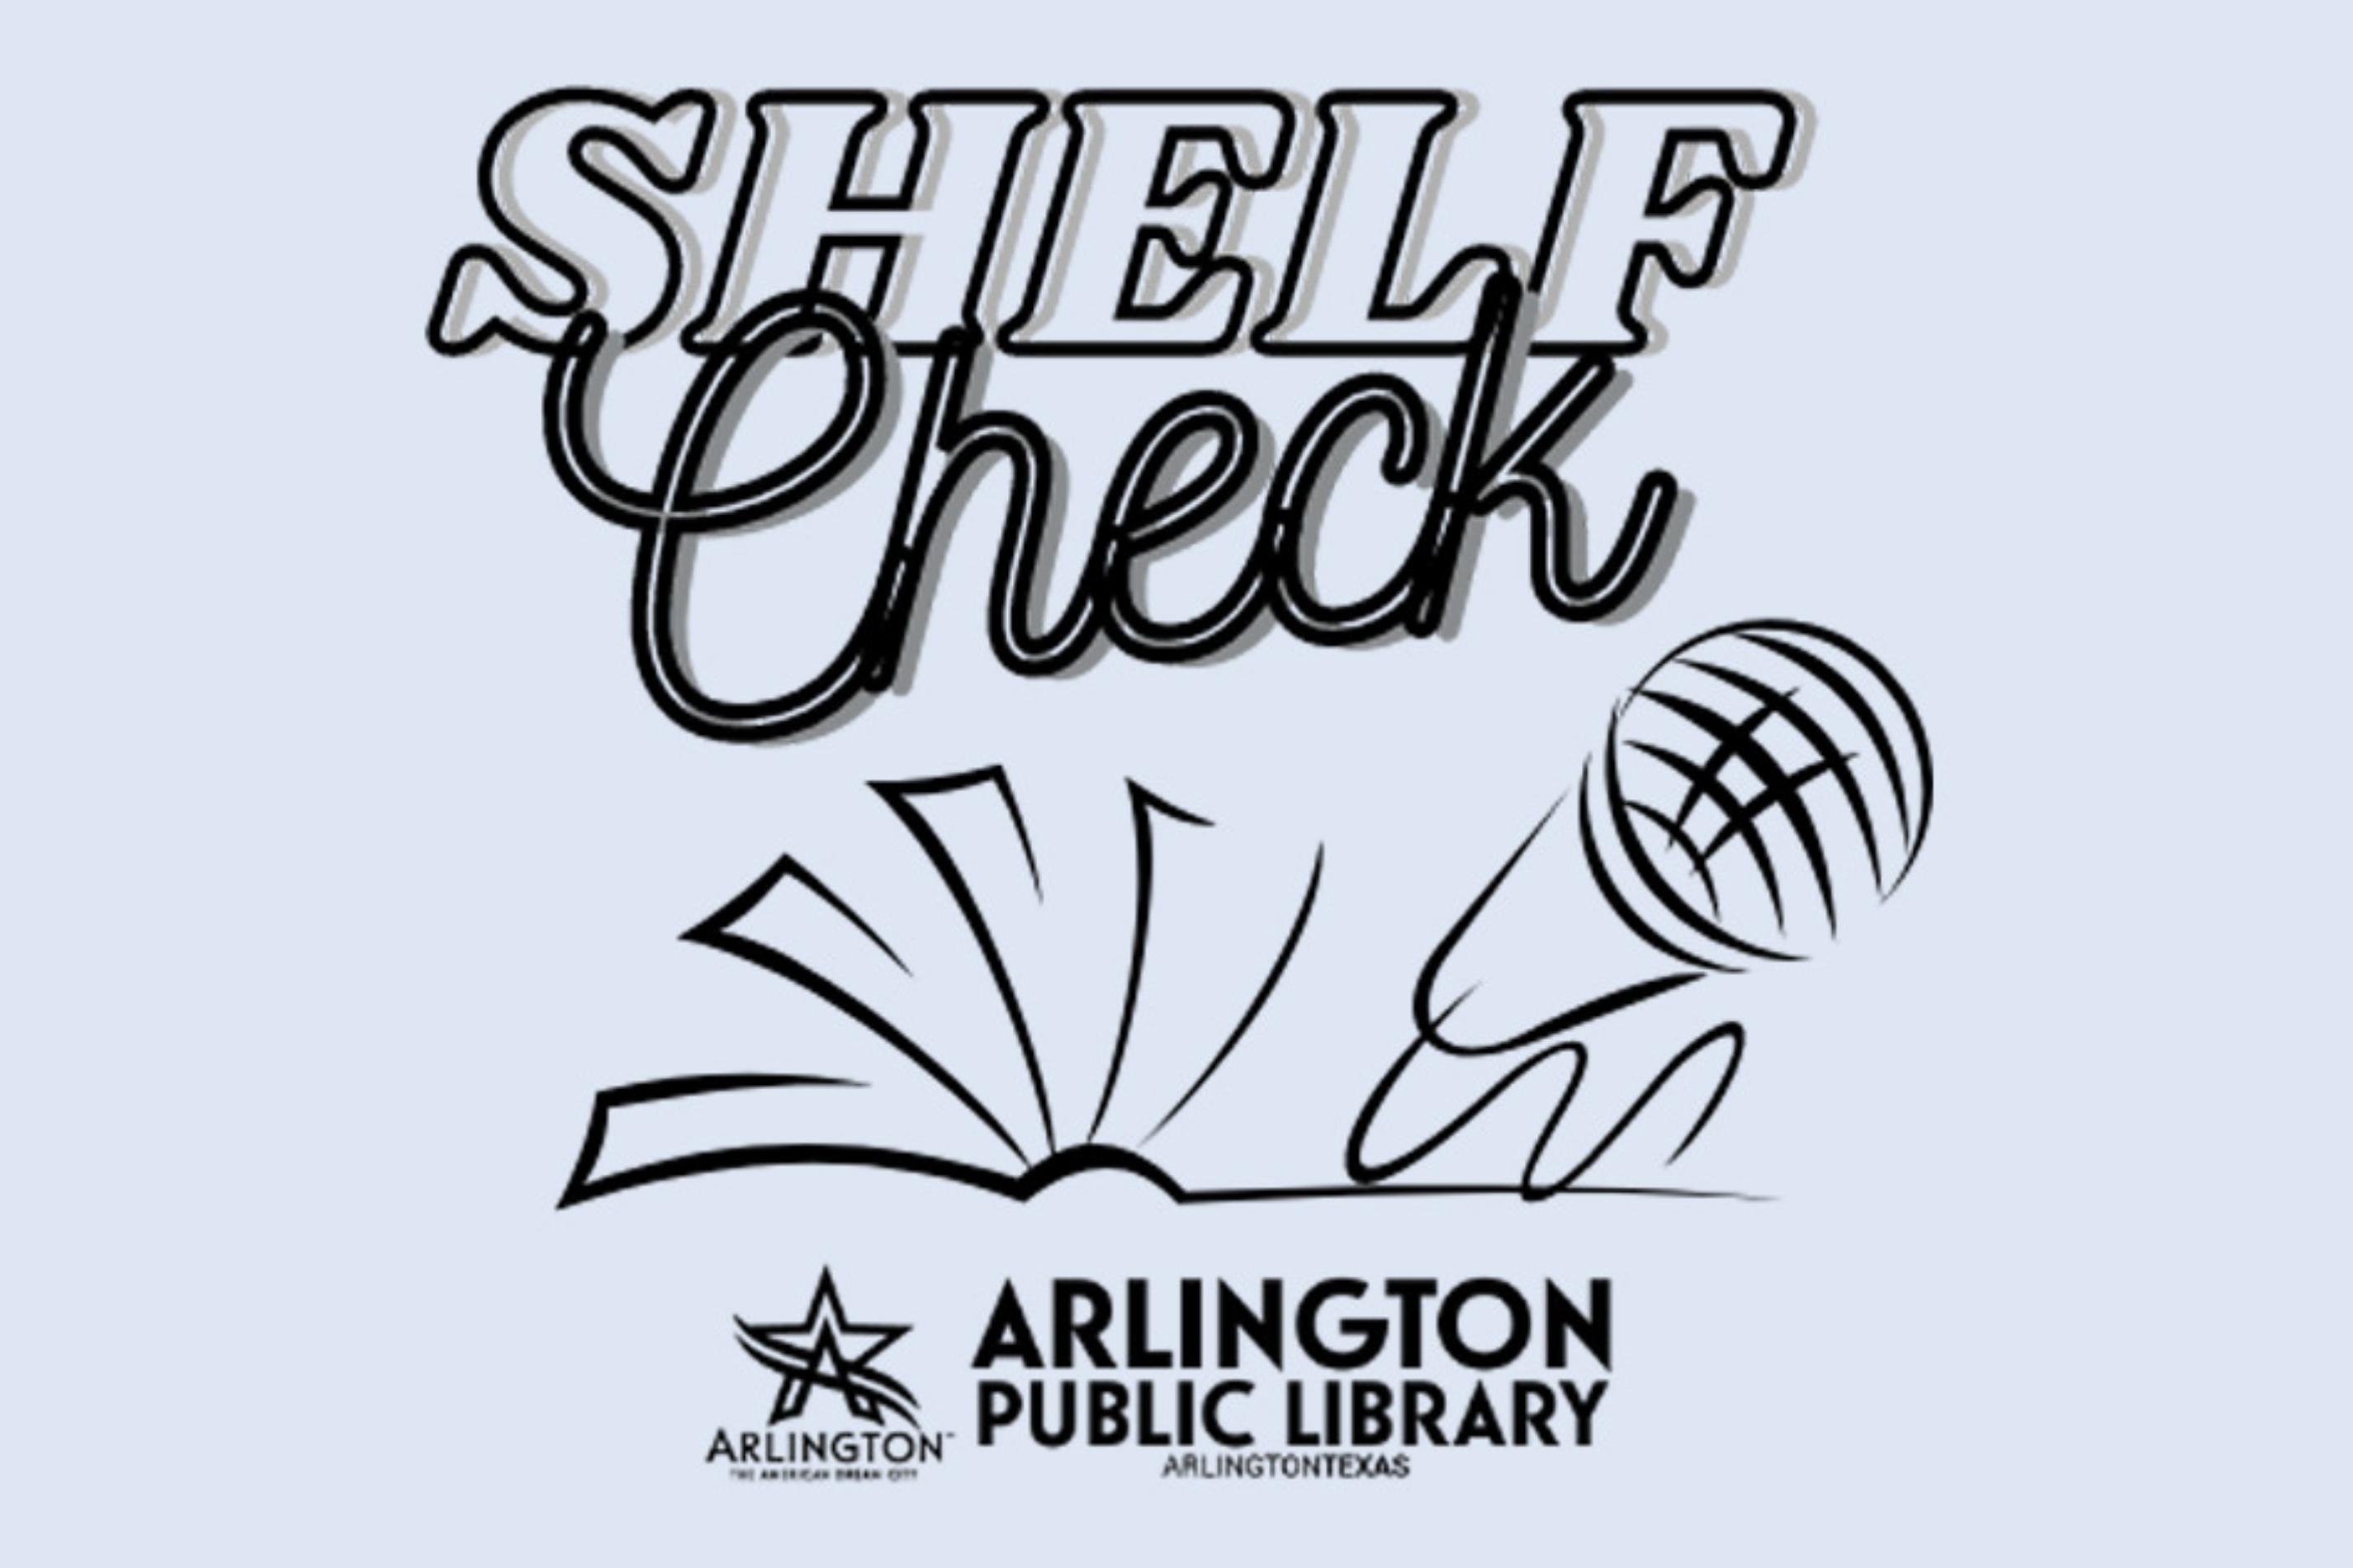 Shelf Check: Arlington Public Library